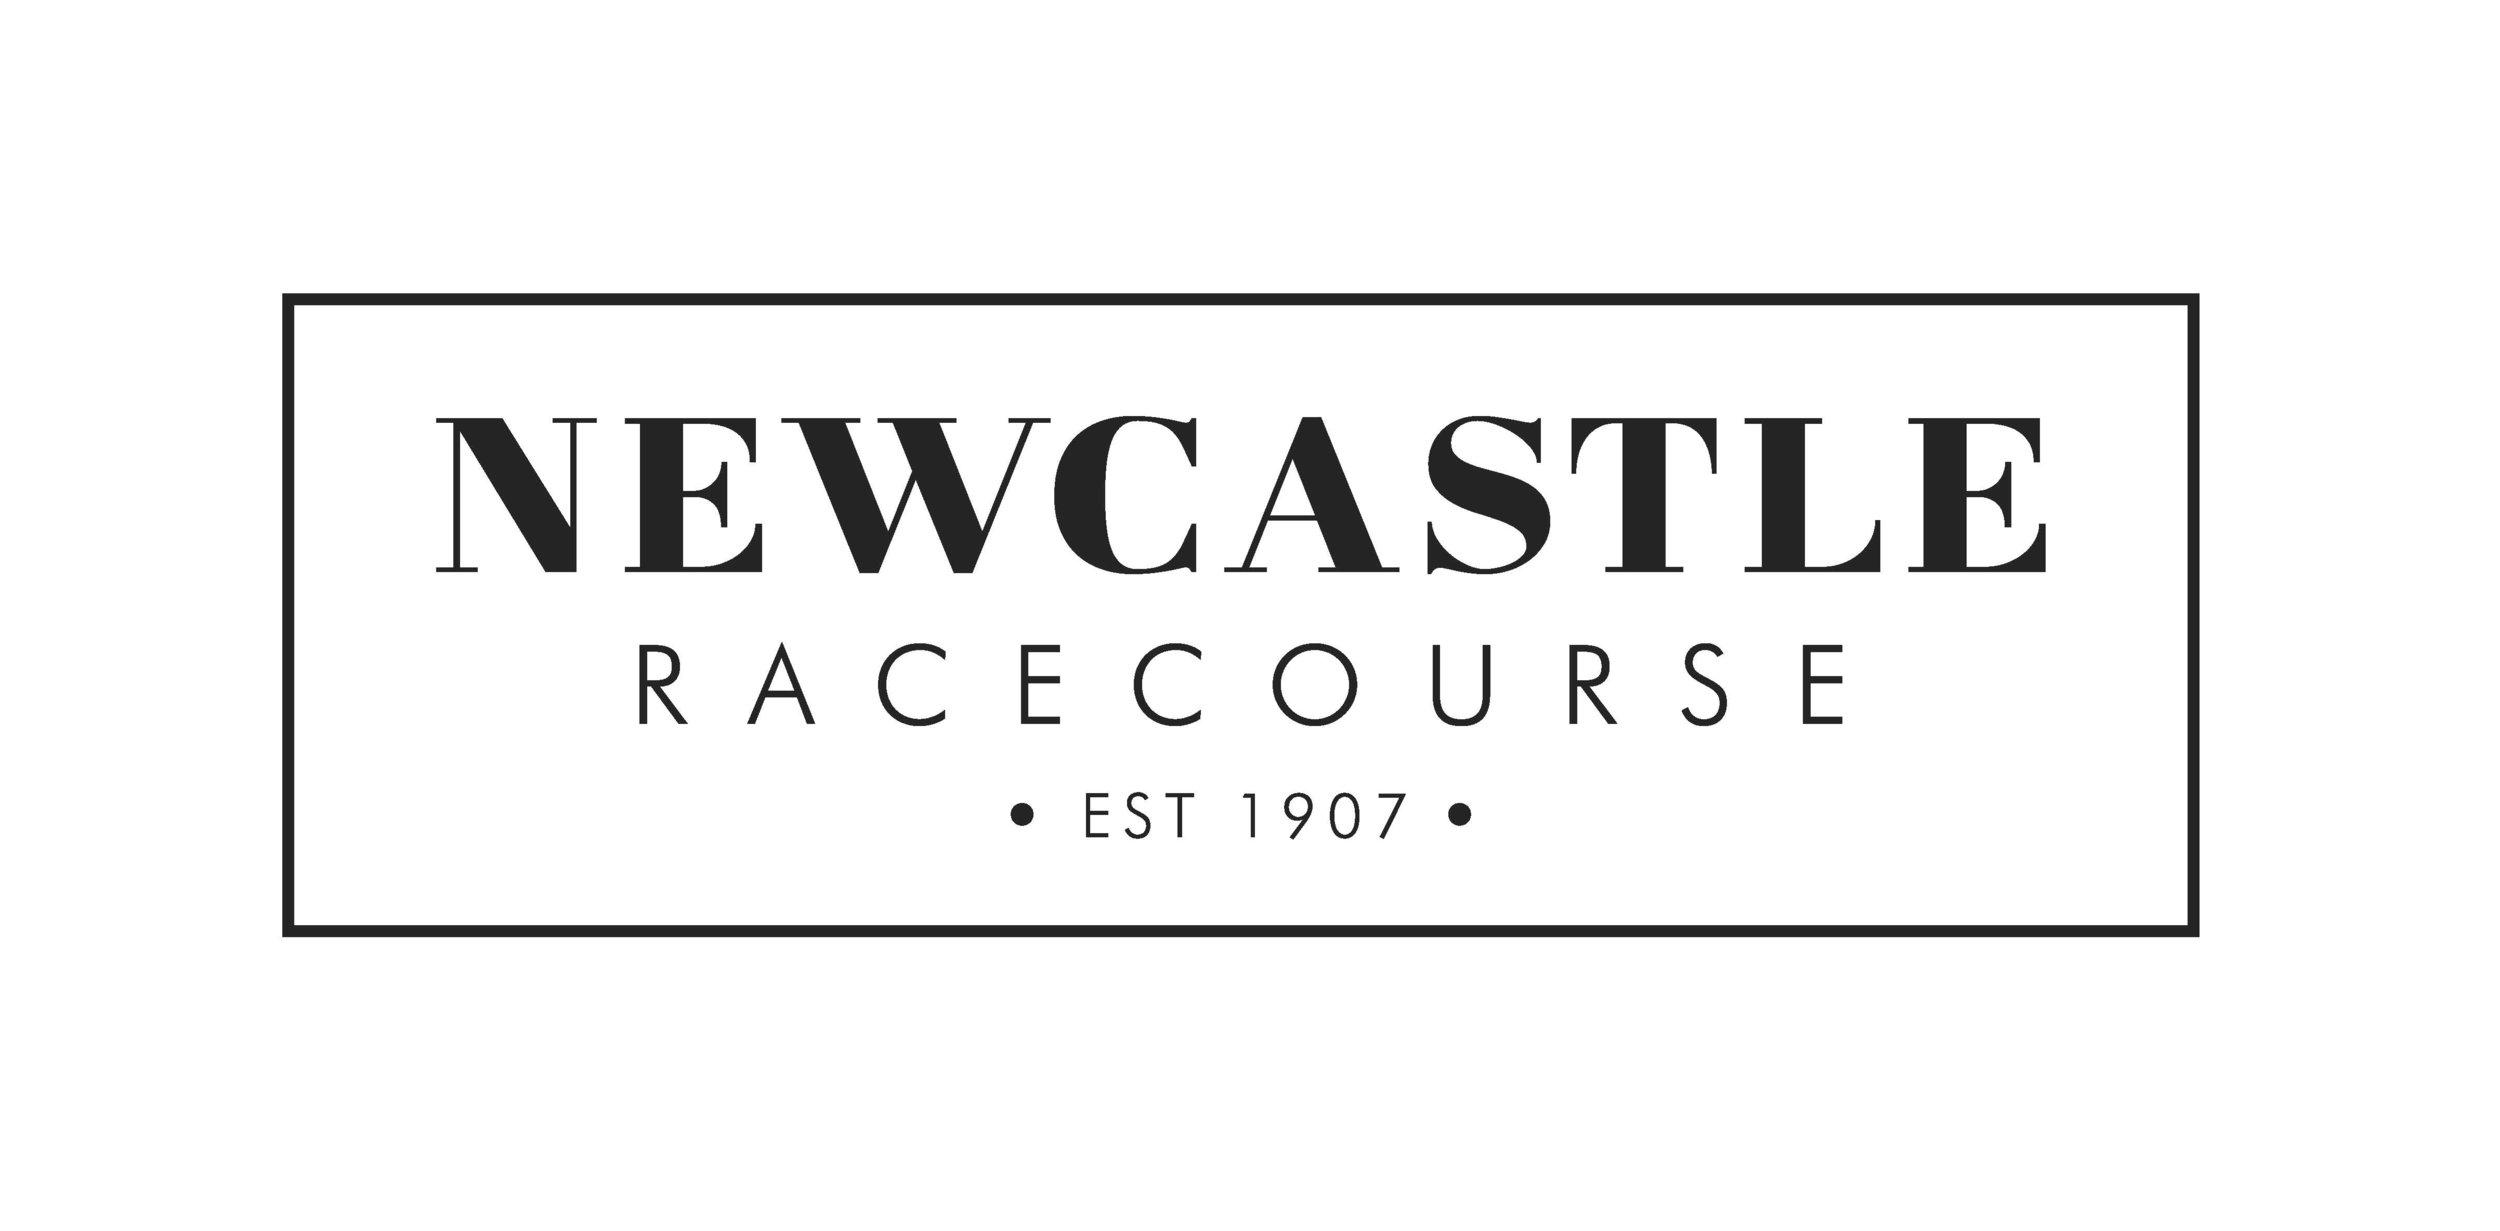 Newcastle Racecourse W Box Mono CMYK.jpg